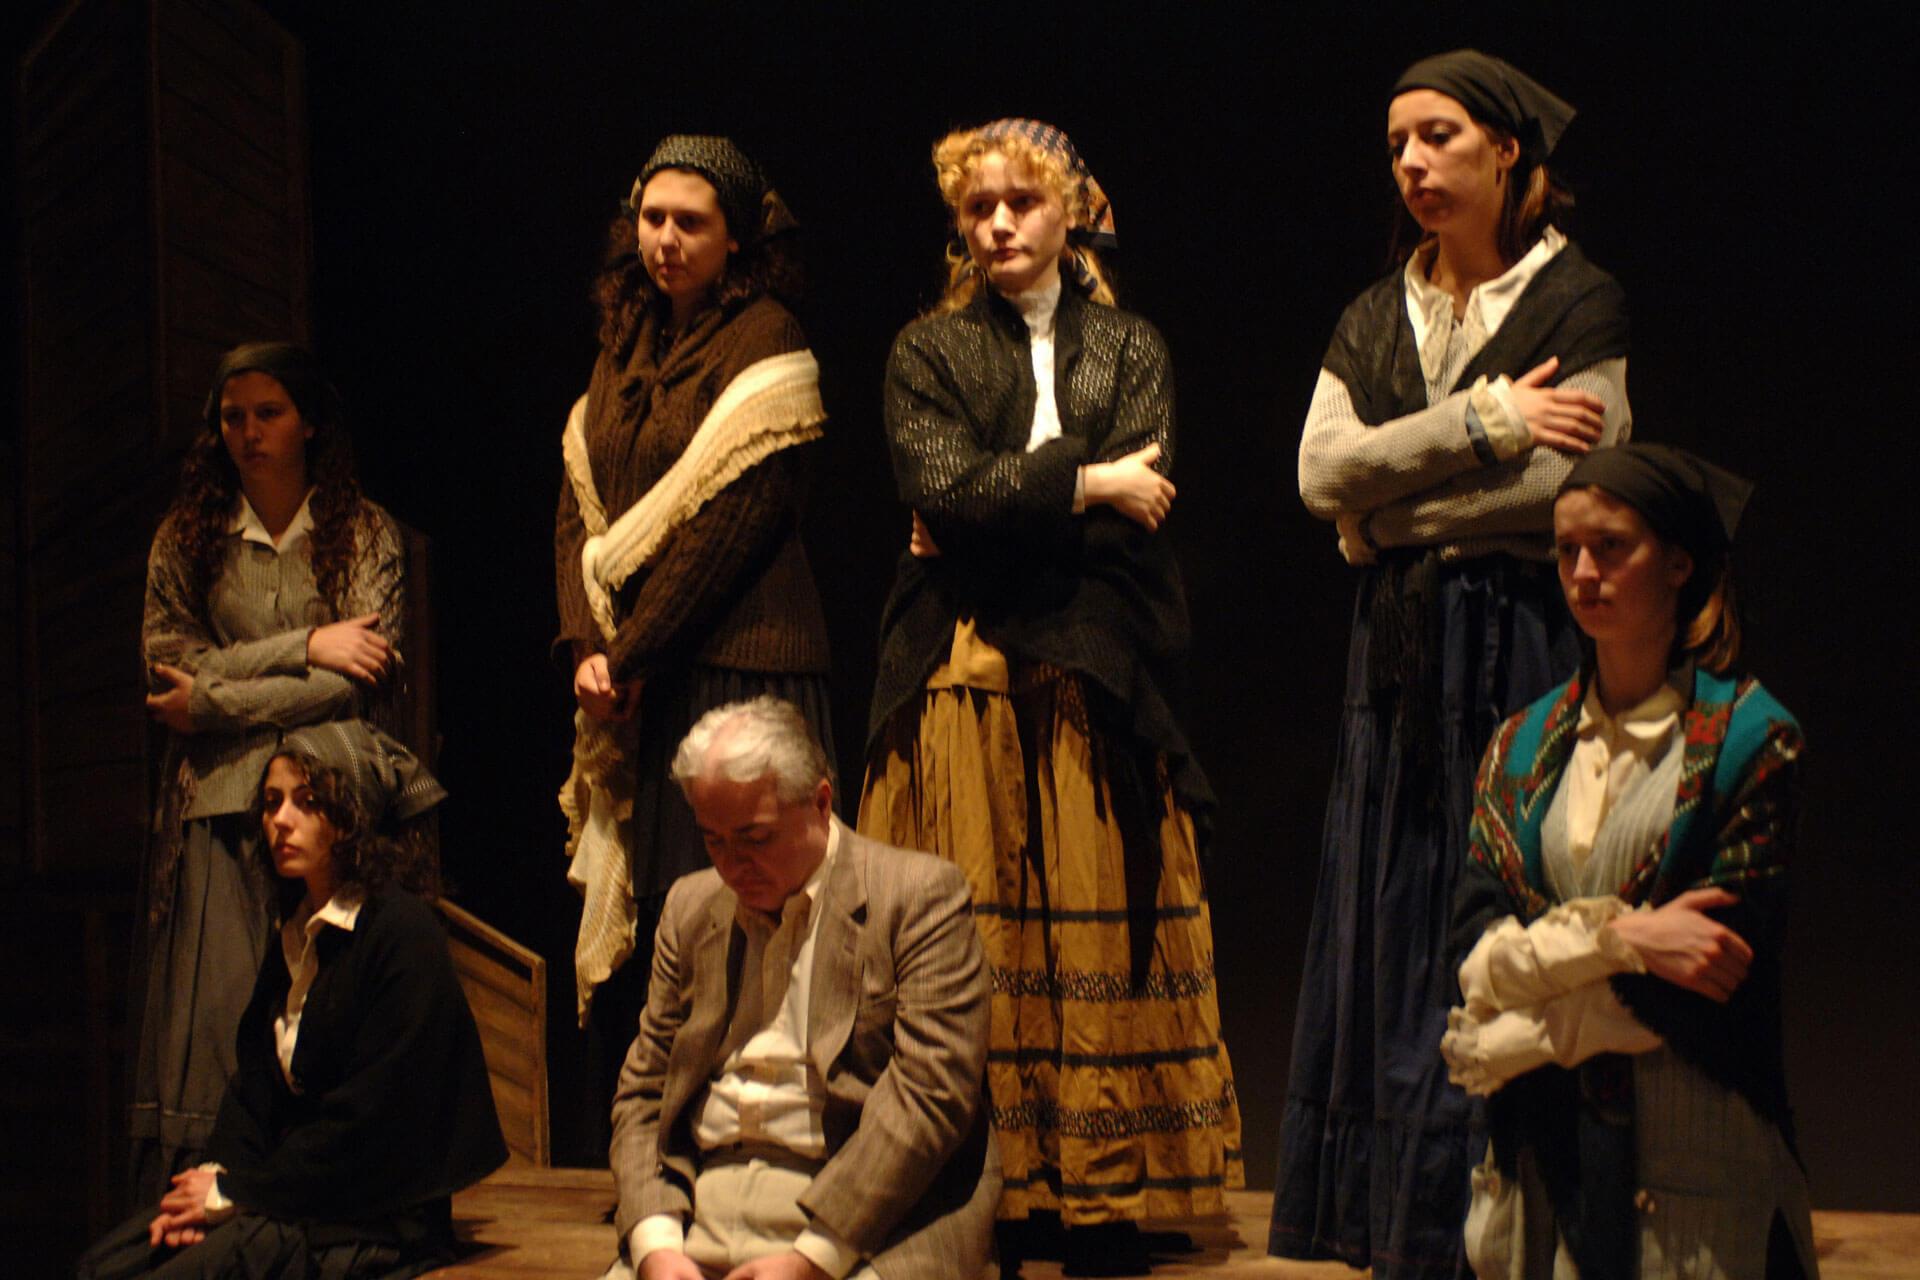 gruppo-teatro-colli-sacco-e-vanzetti-2009-6